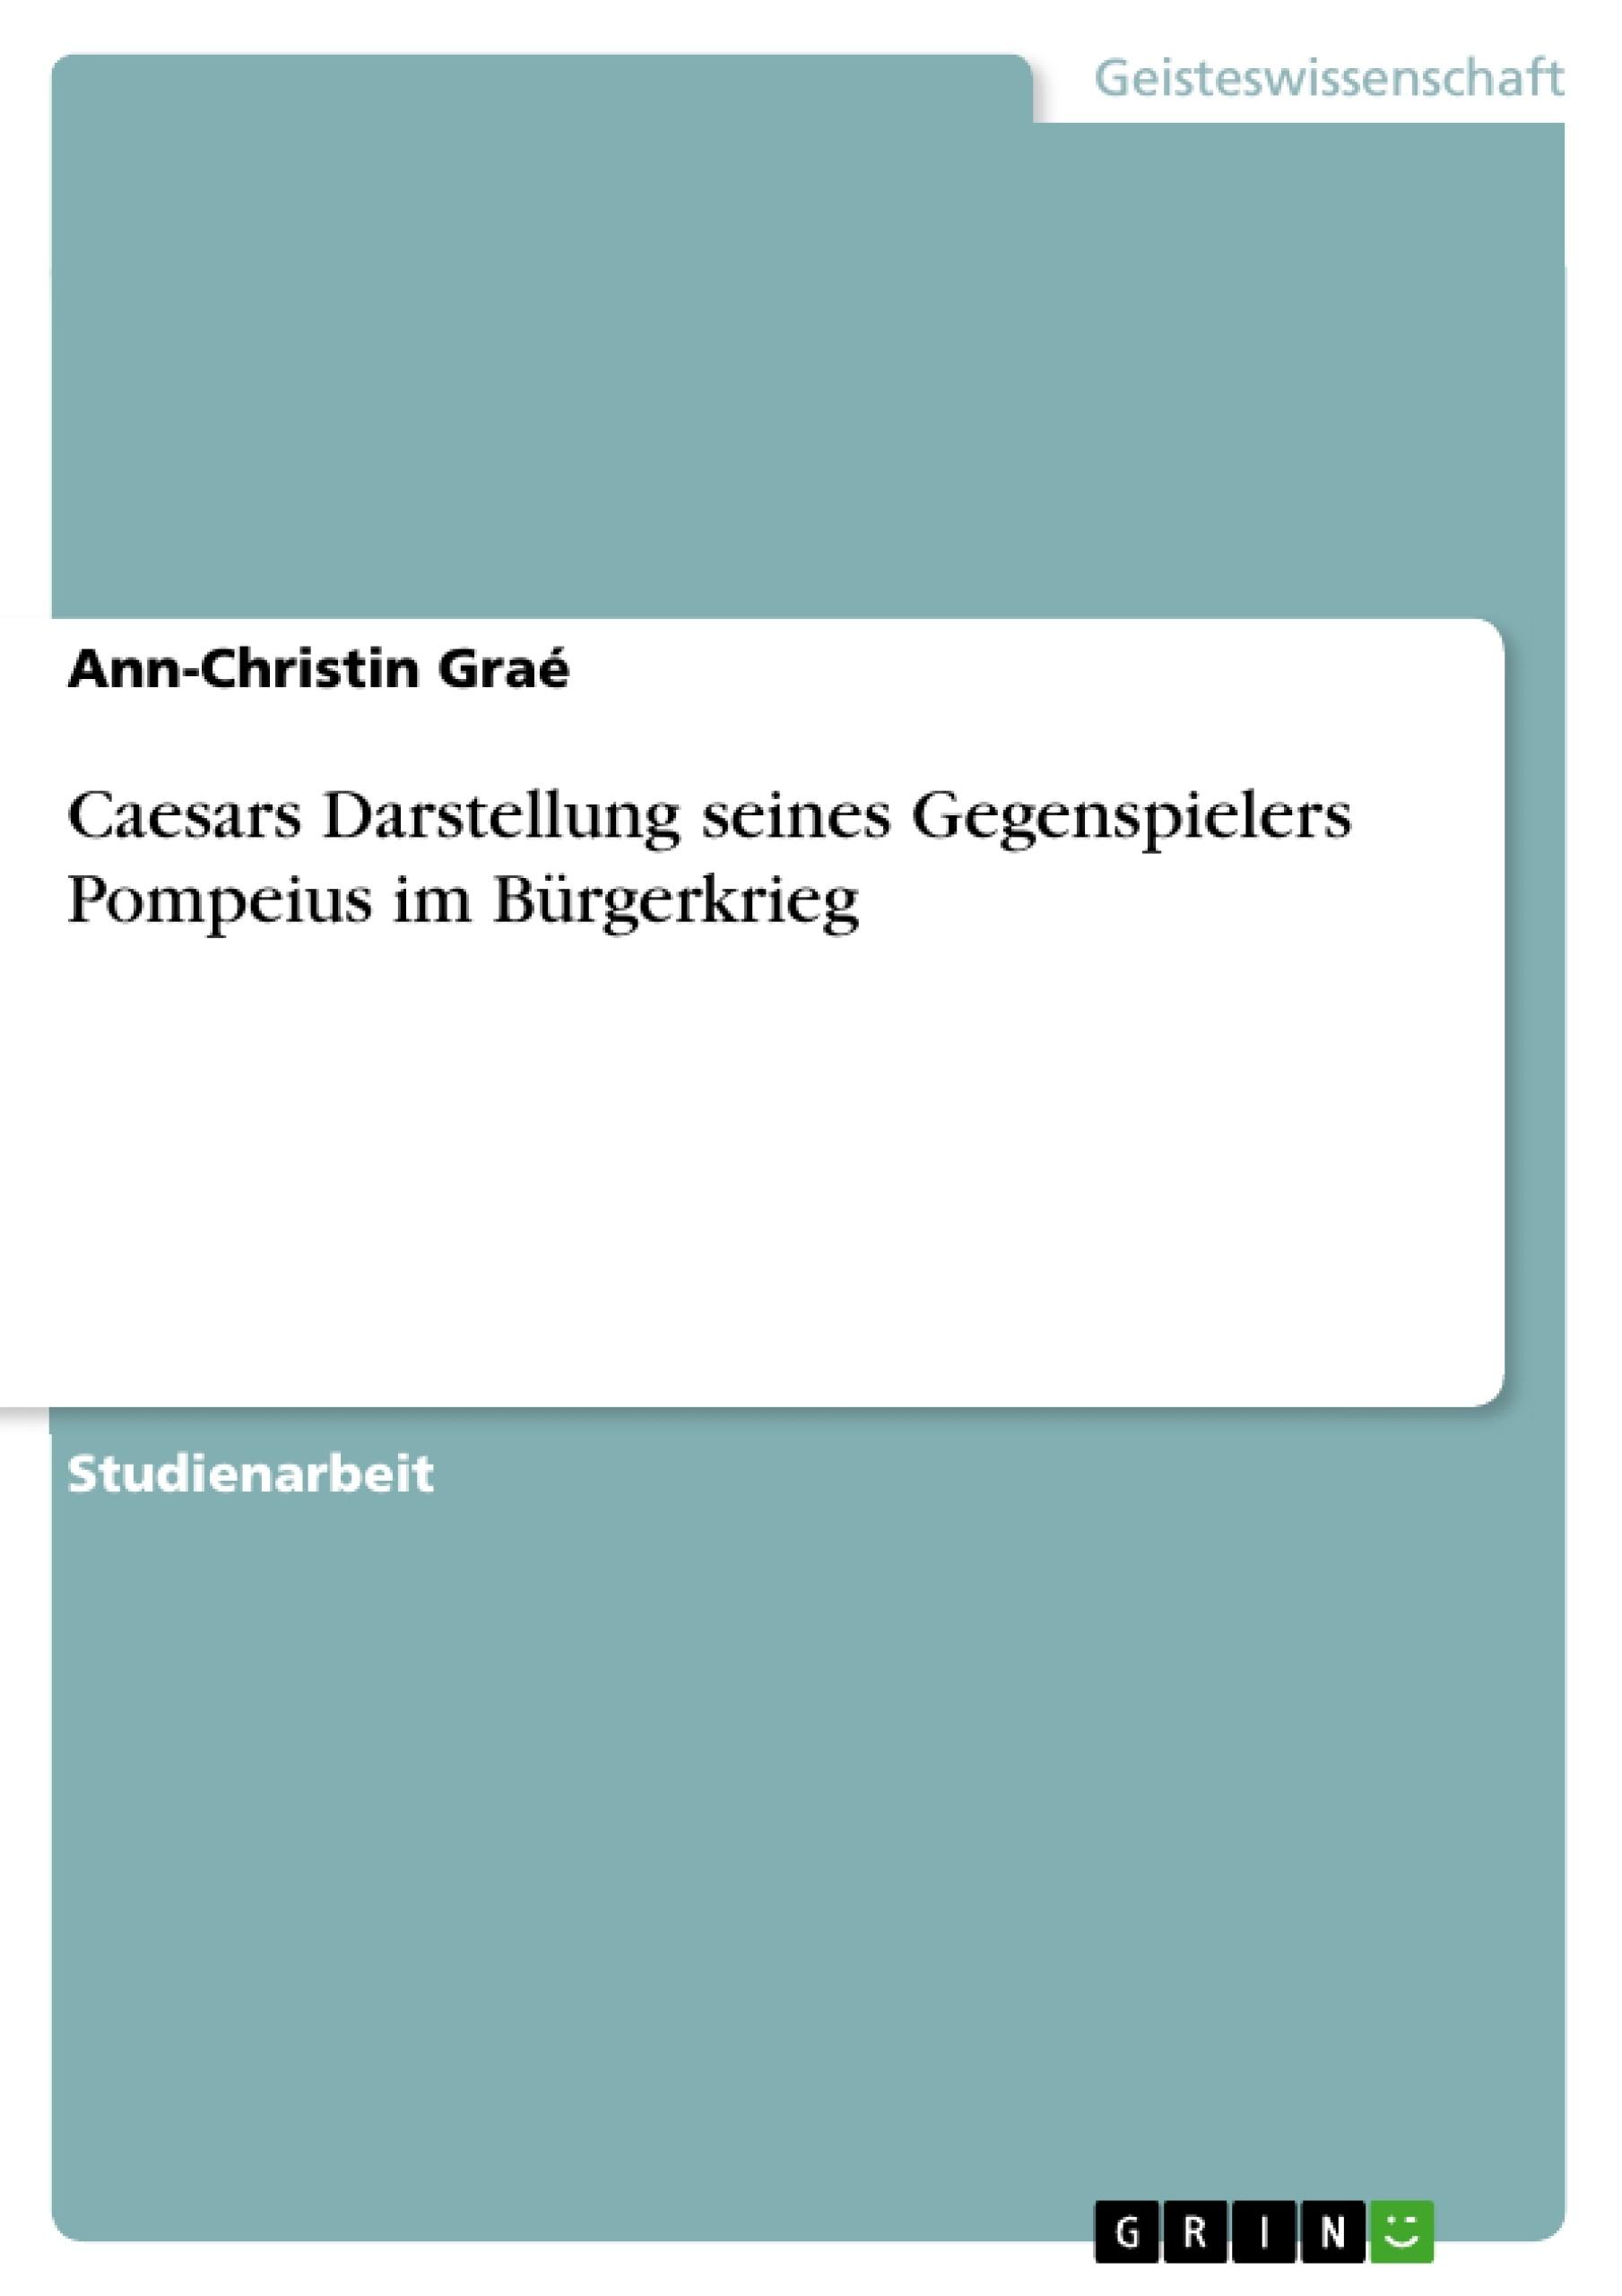 Titel: Caesars Darstellung seines Gegenspielers Pompeius im Bürgerkrieg